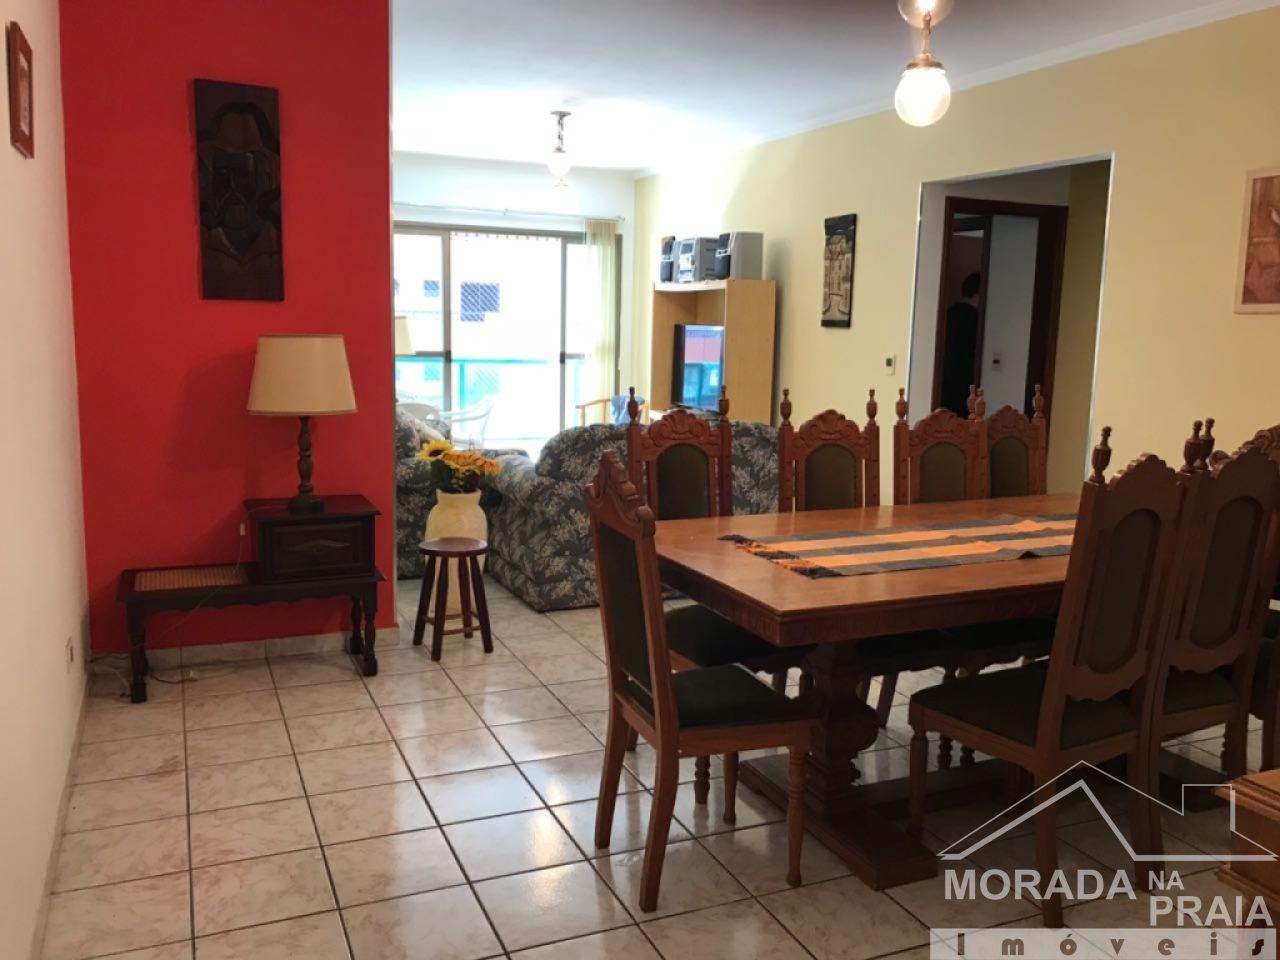 Sala 2 ambientes do apartamento com 2 dormitórios em CANTO DO FORTE - PRAIA GRANDE